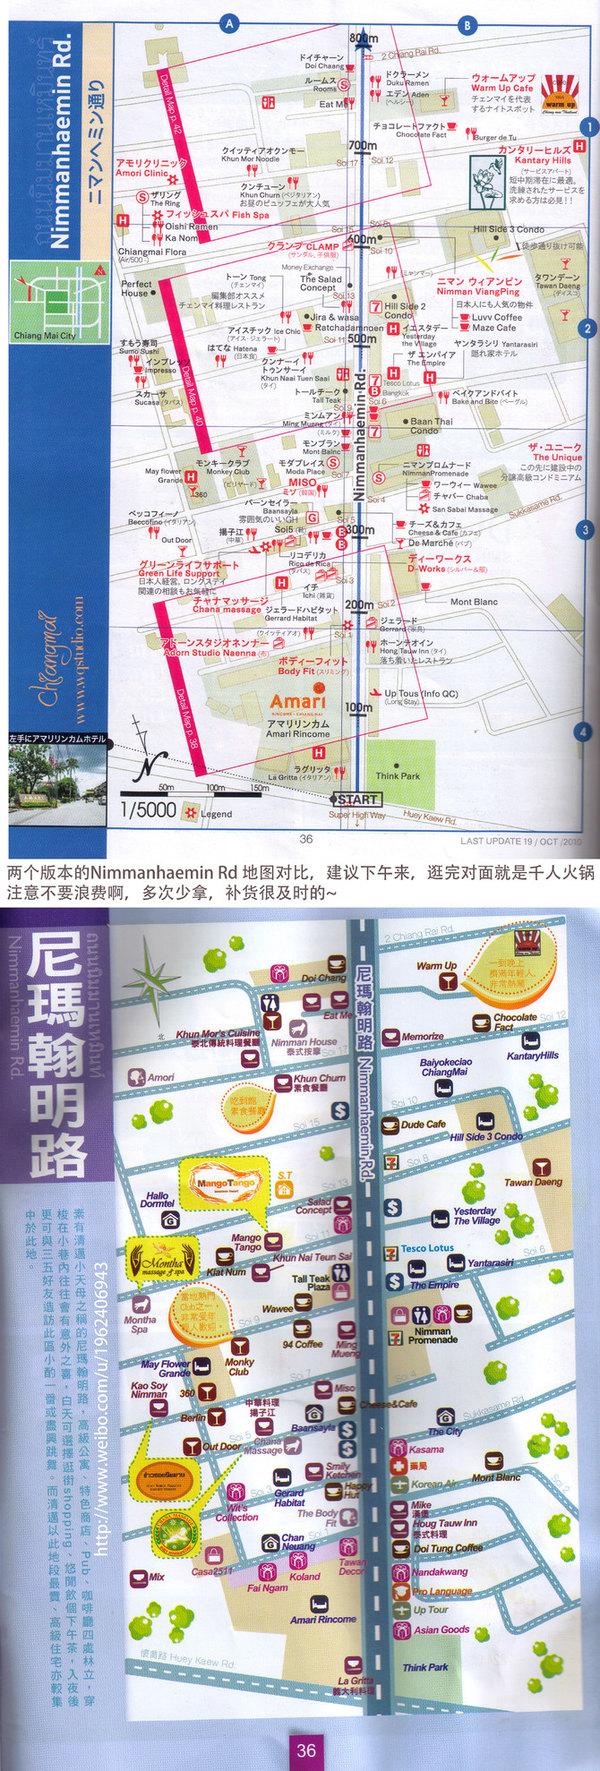 宁曼路地图手绘